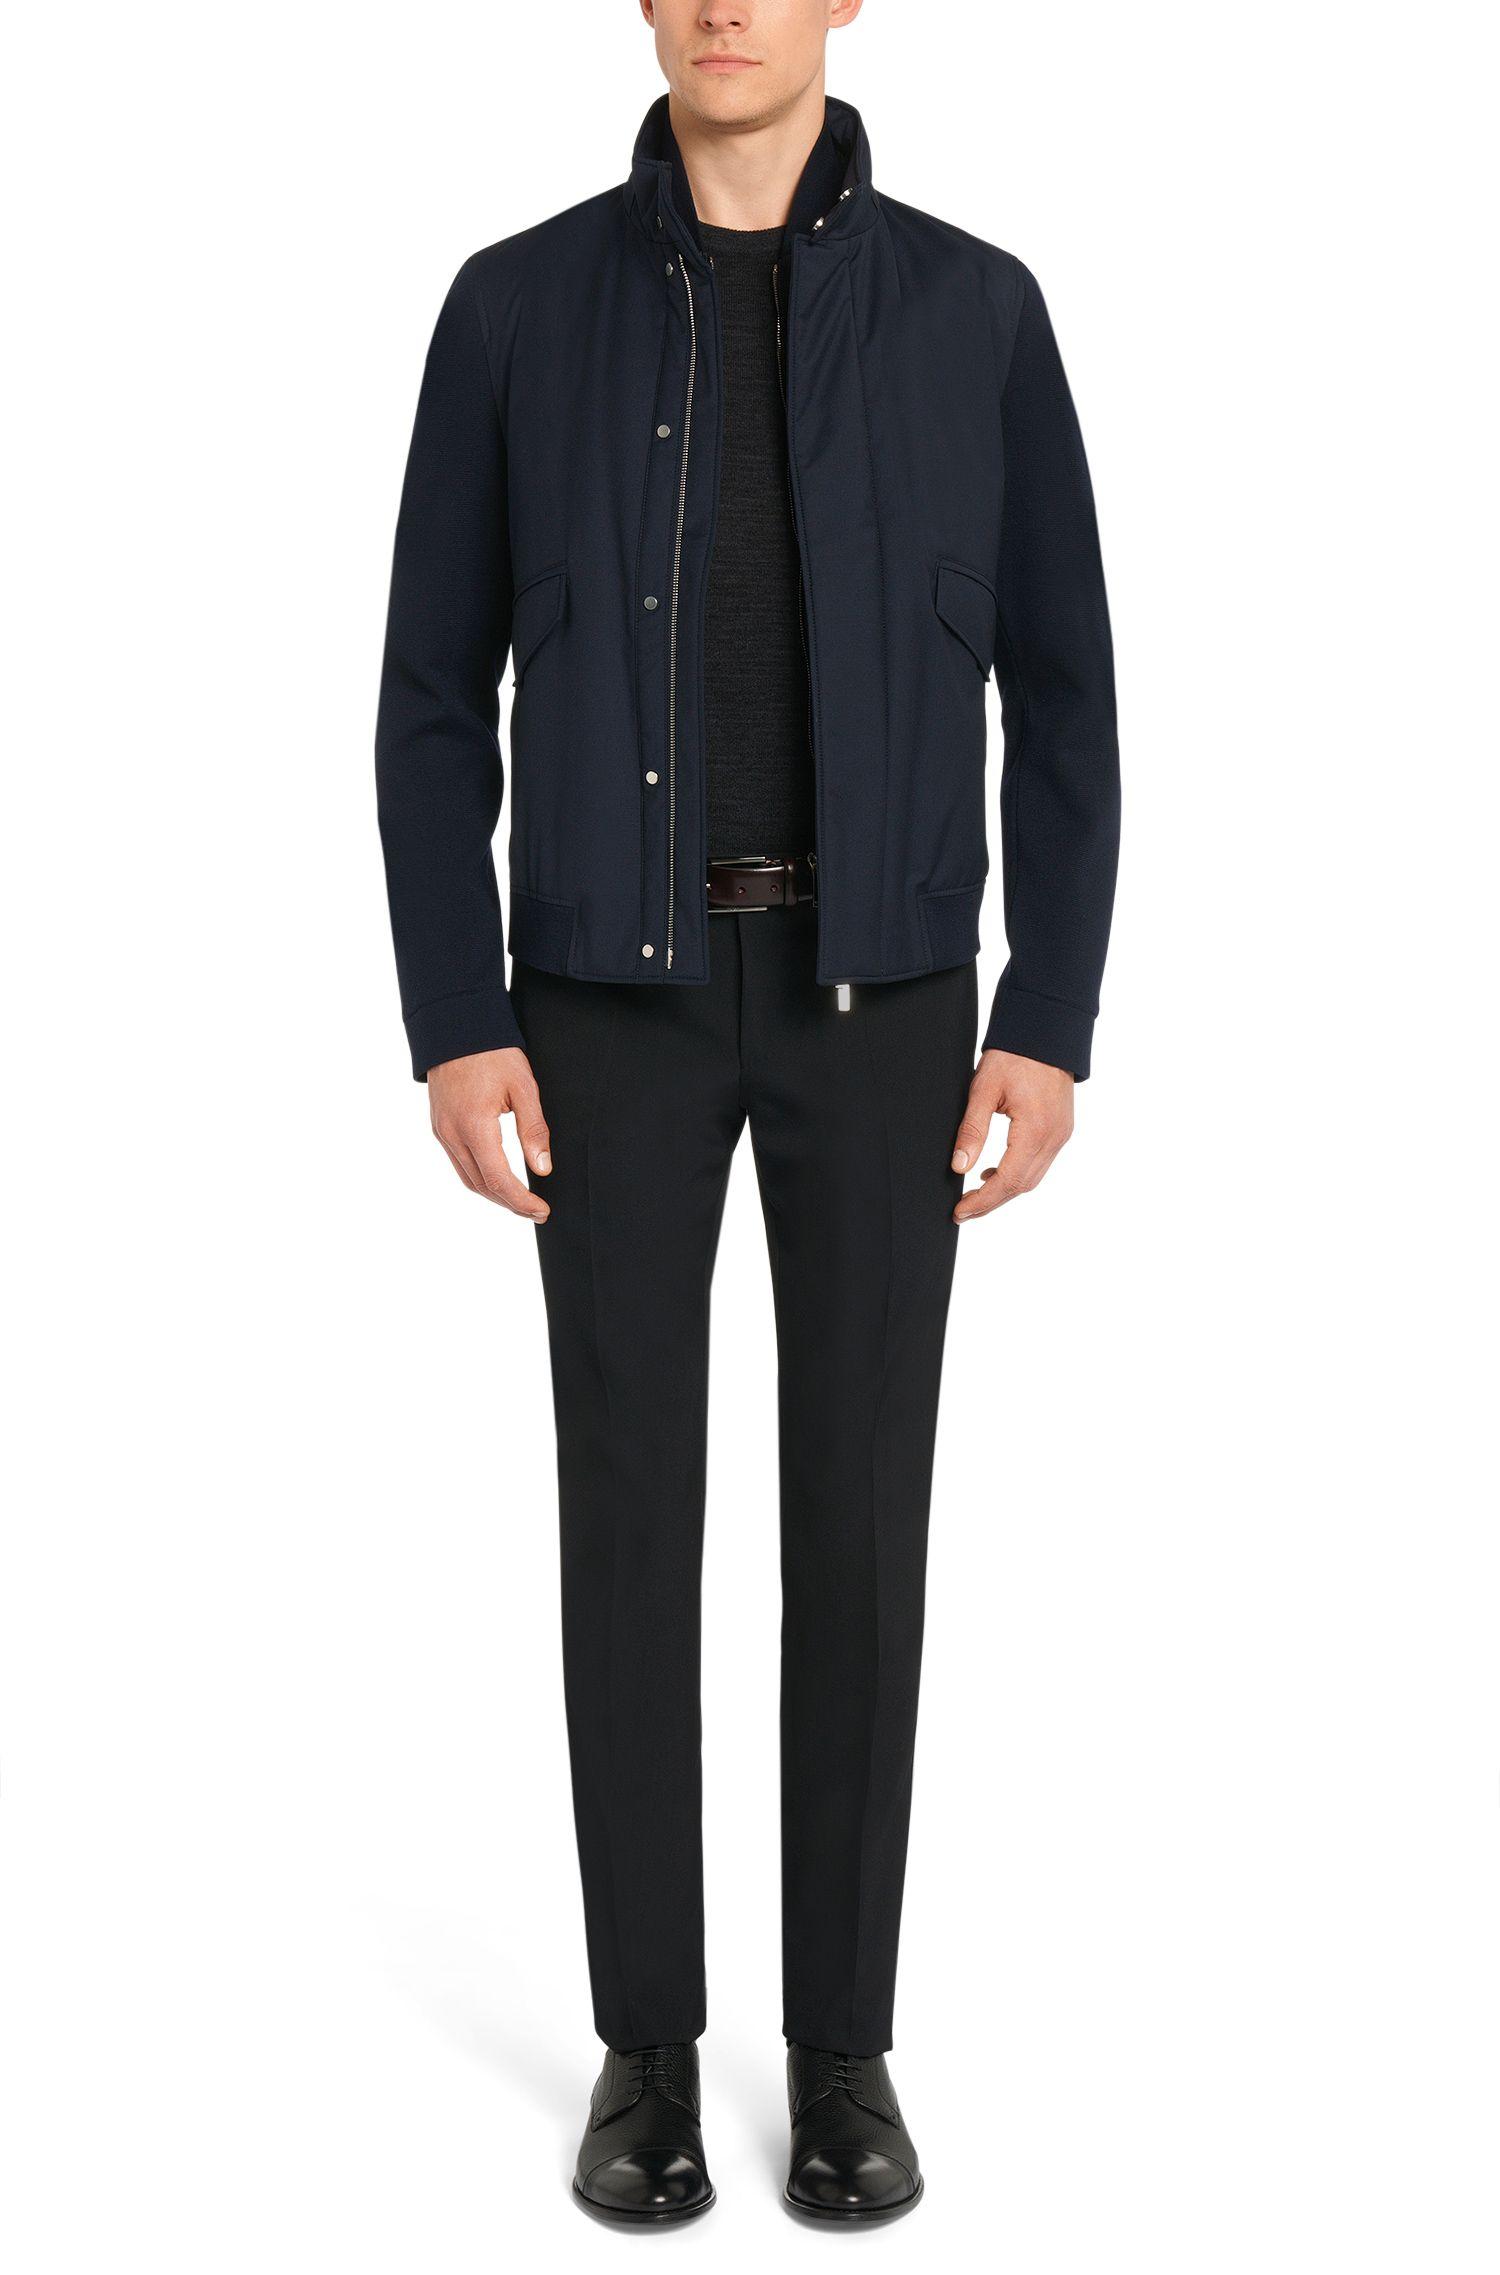 Tailored Jacke aus Schurwolle mit heraustrennbarer Reißverschlussblende: 'T-Cancun'